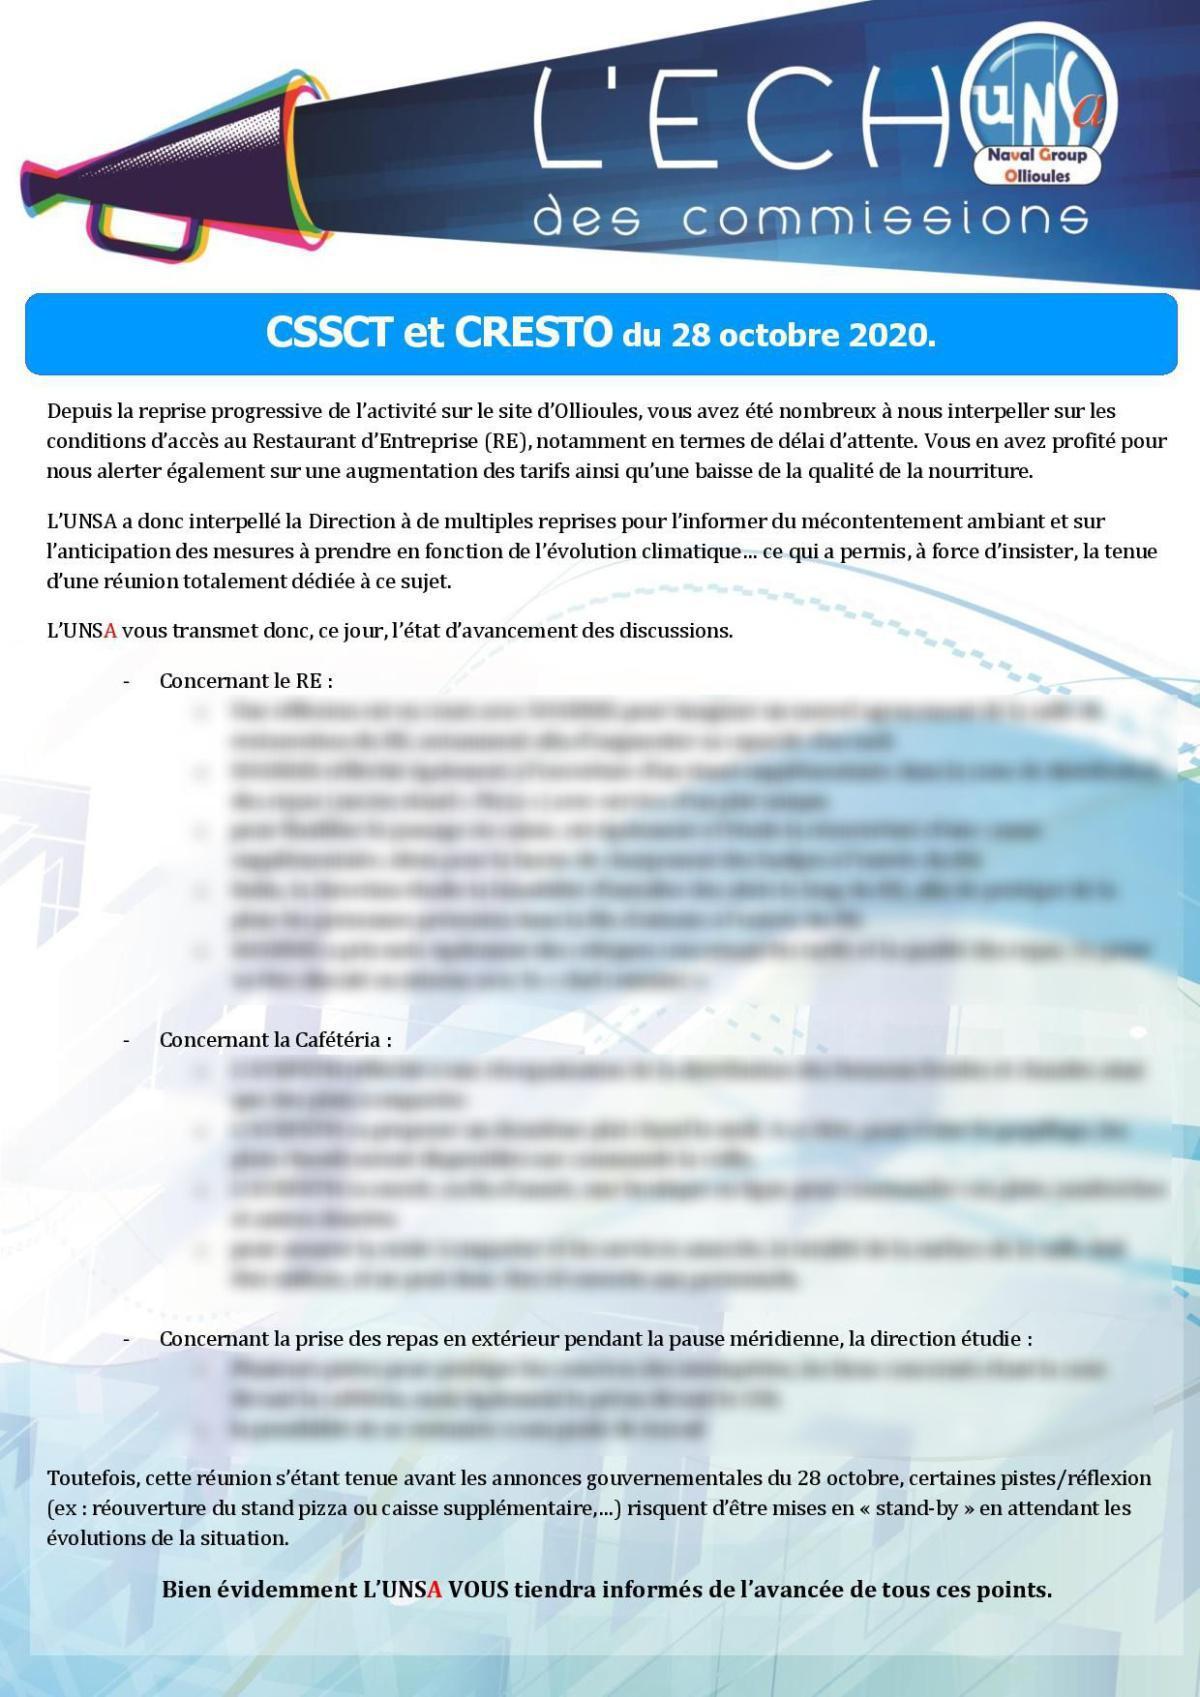 Réunion CSSCT/CRESTO du 28 octobre 2020 sur la restauration